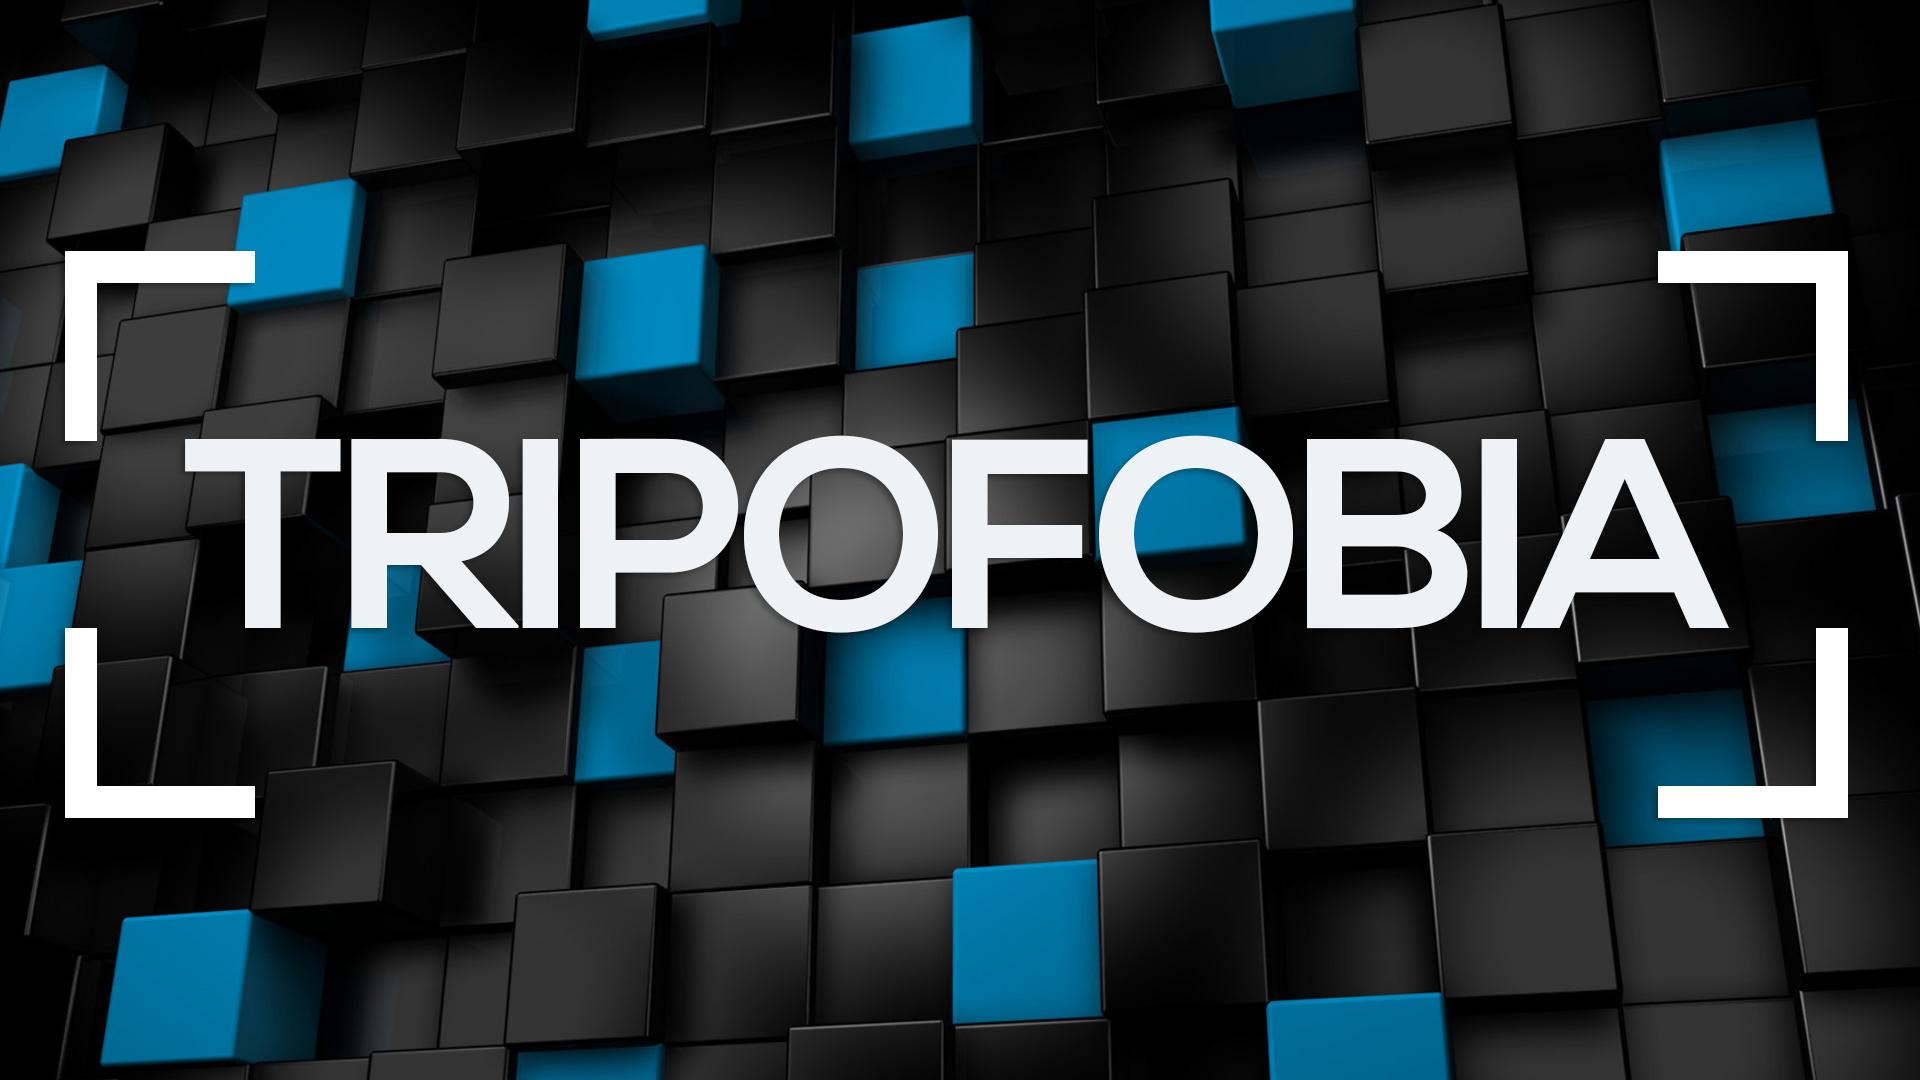 se muestran c ubos desordenados y la palabra tripofobia